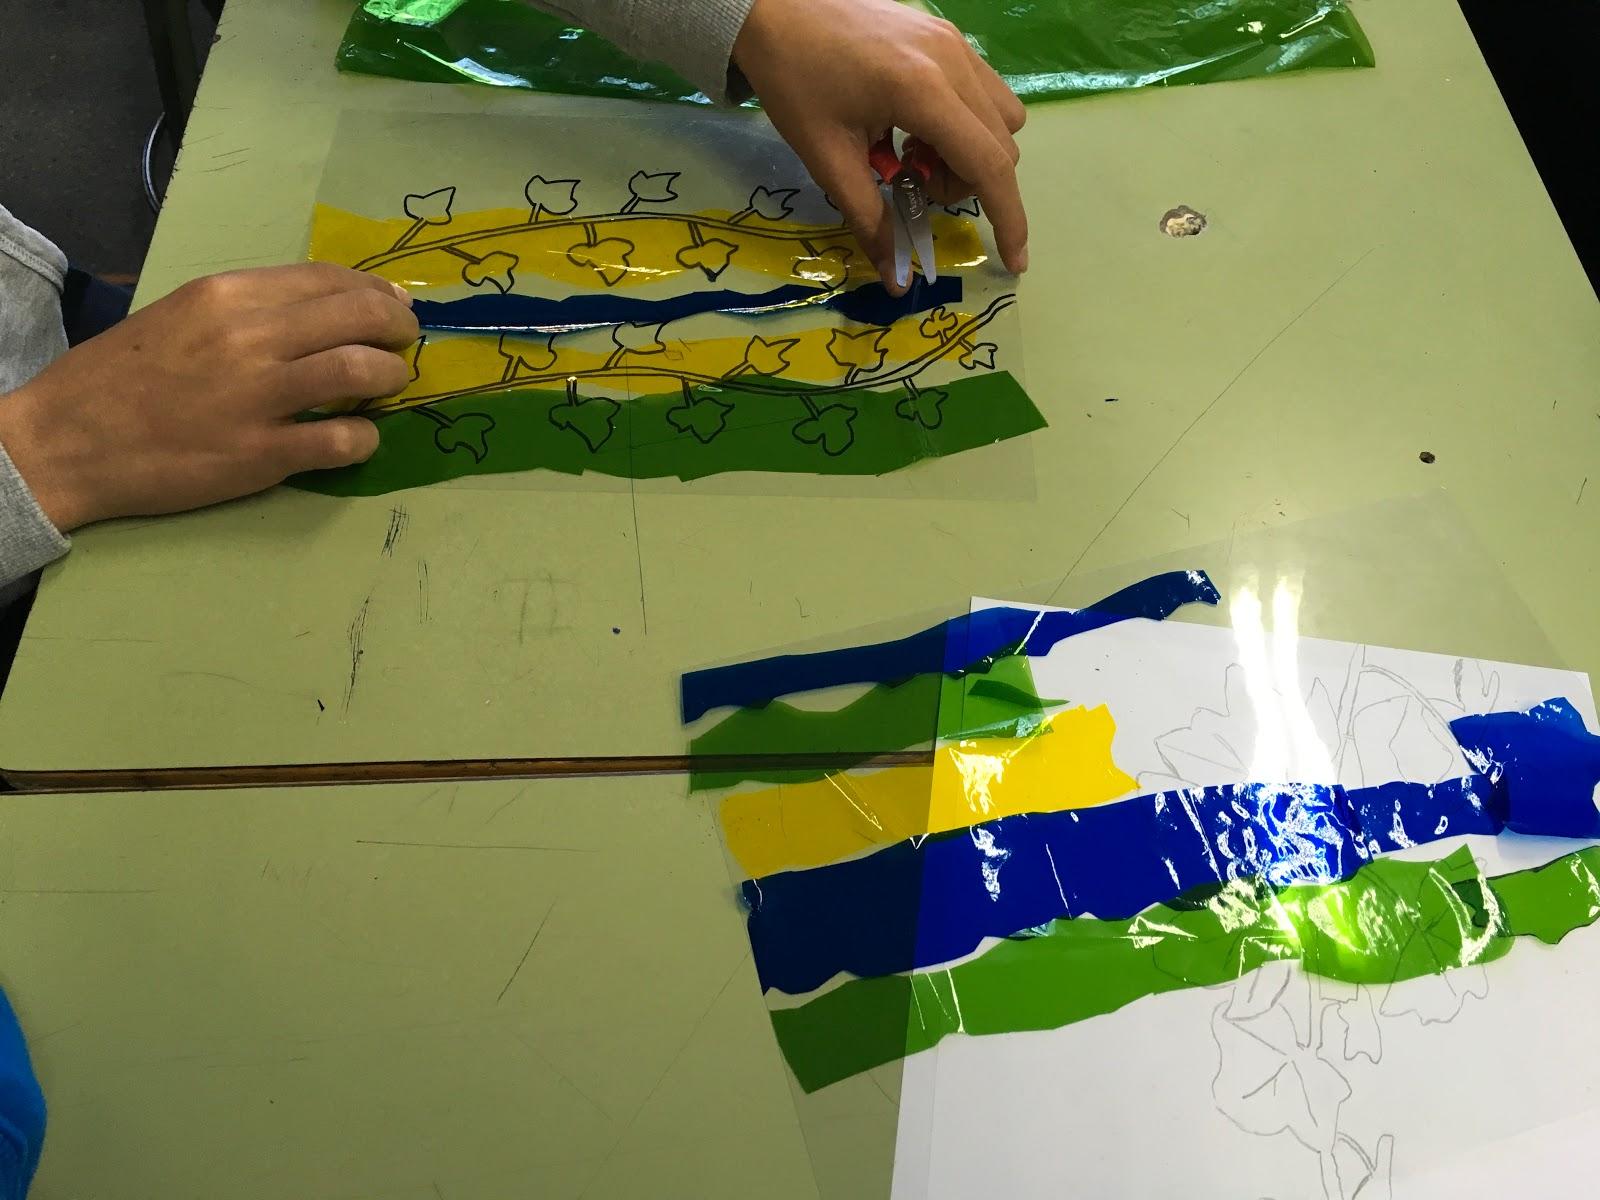 Asombroso Arte De Uñas De Celofán Elaboración - Ideas Para Pintar ...